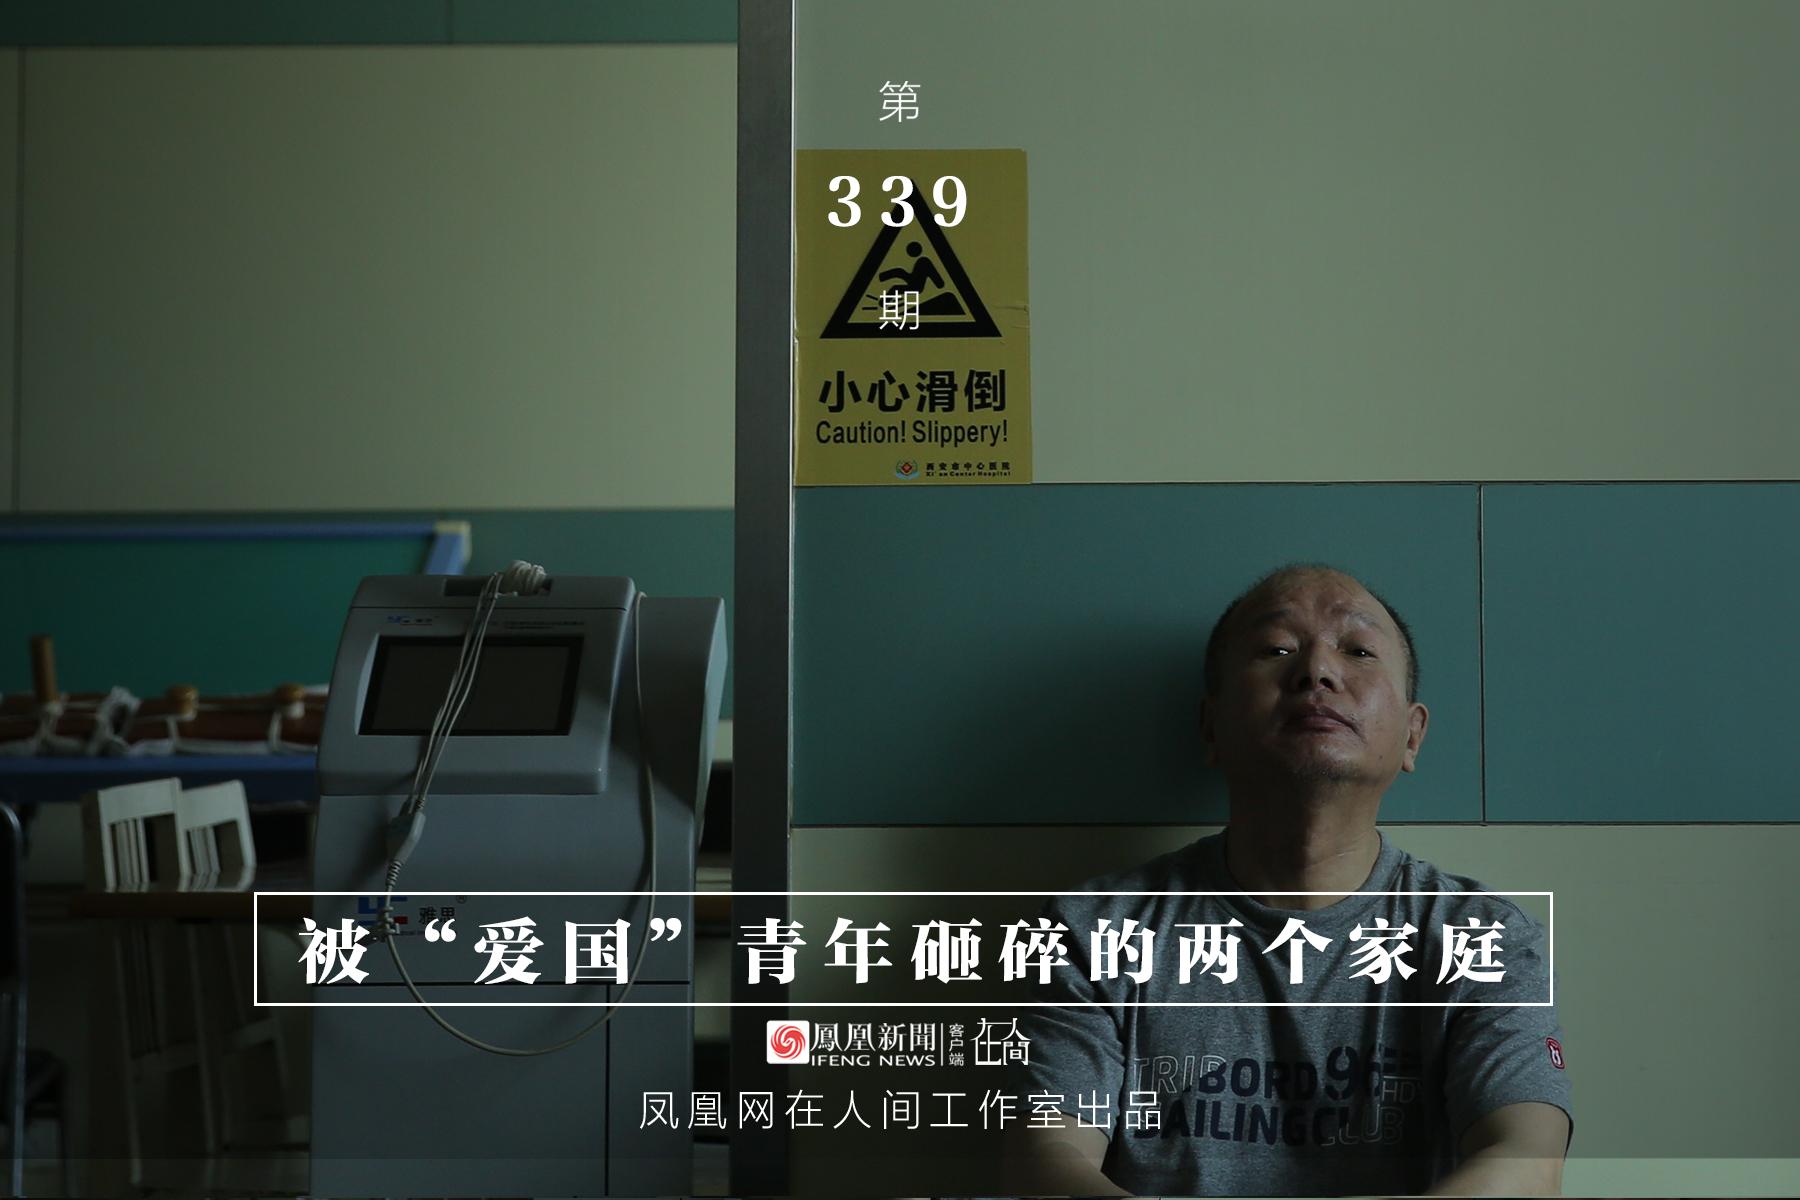 北京市委书记刘奇_最新的反腐电视剧_清斑润颜组合